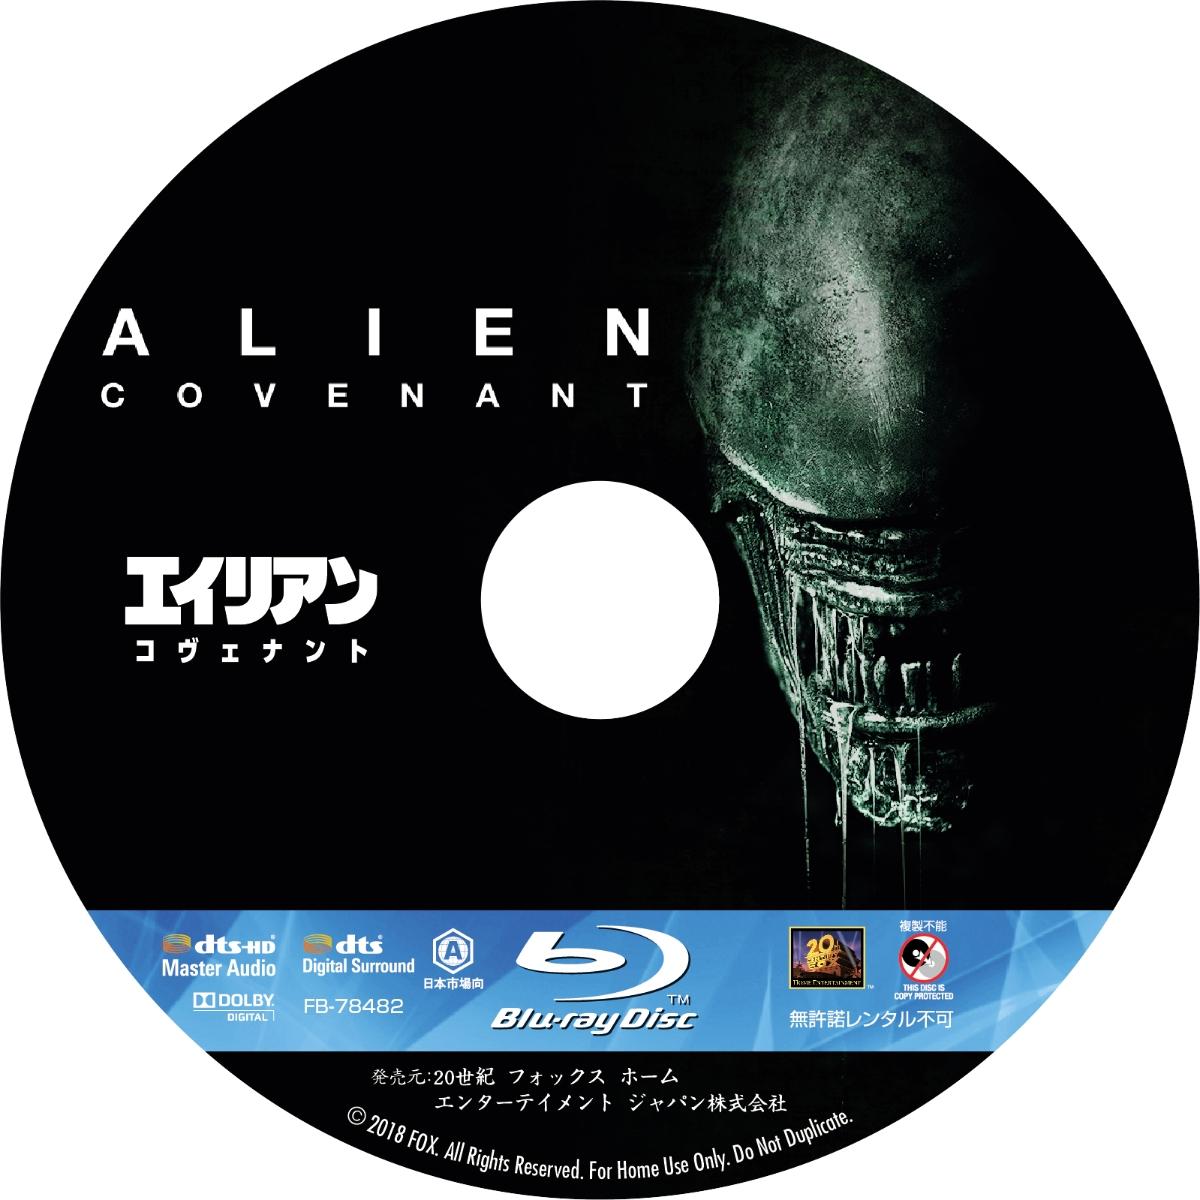 エイリアン:コヴェナントブルーレイ&DVD【Blu,ray】[マイケル・ファス